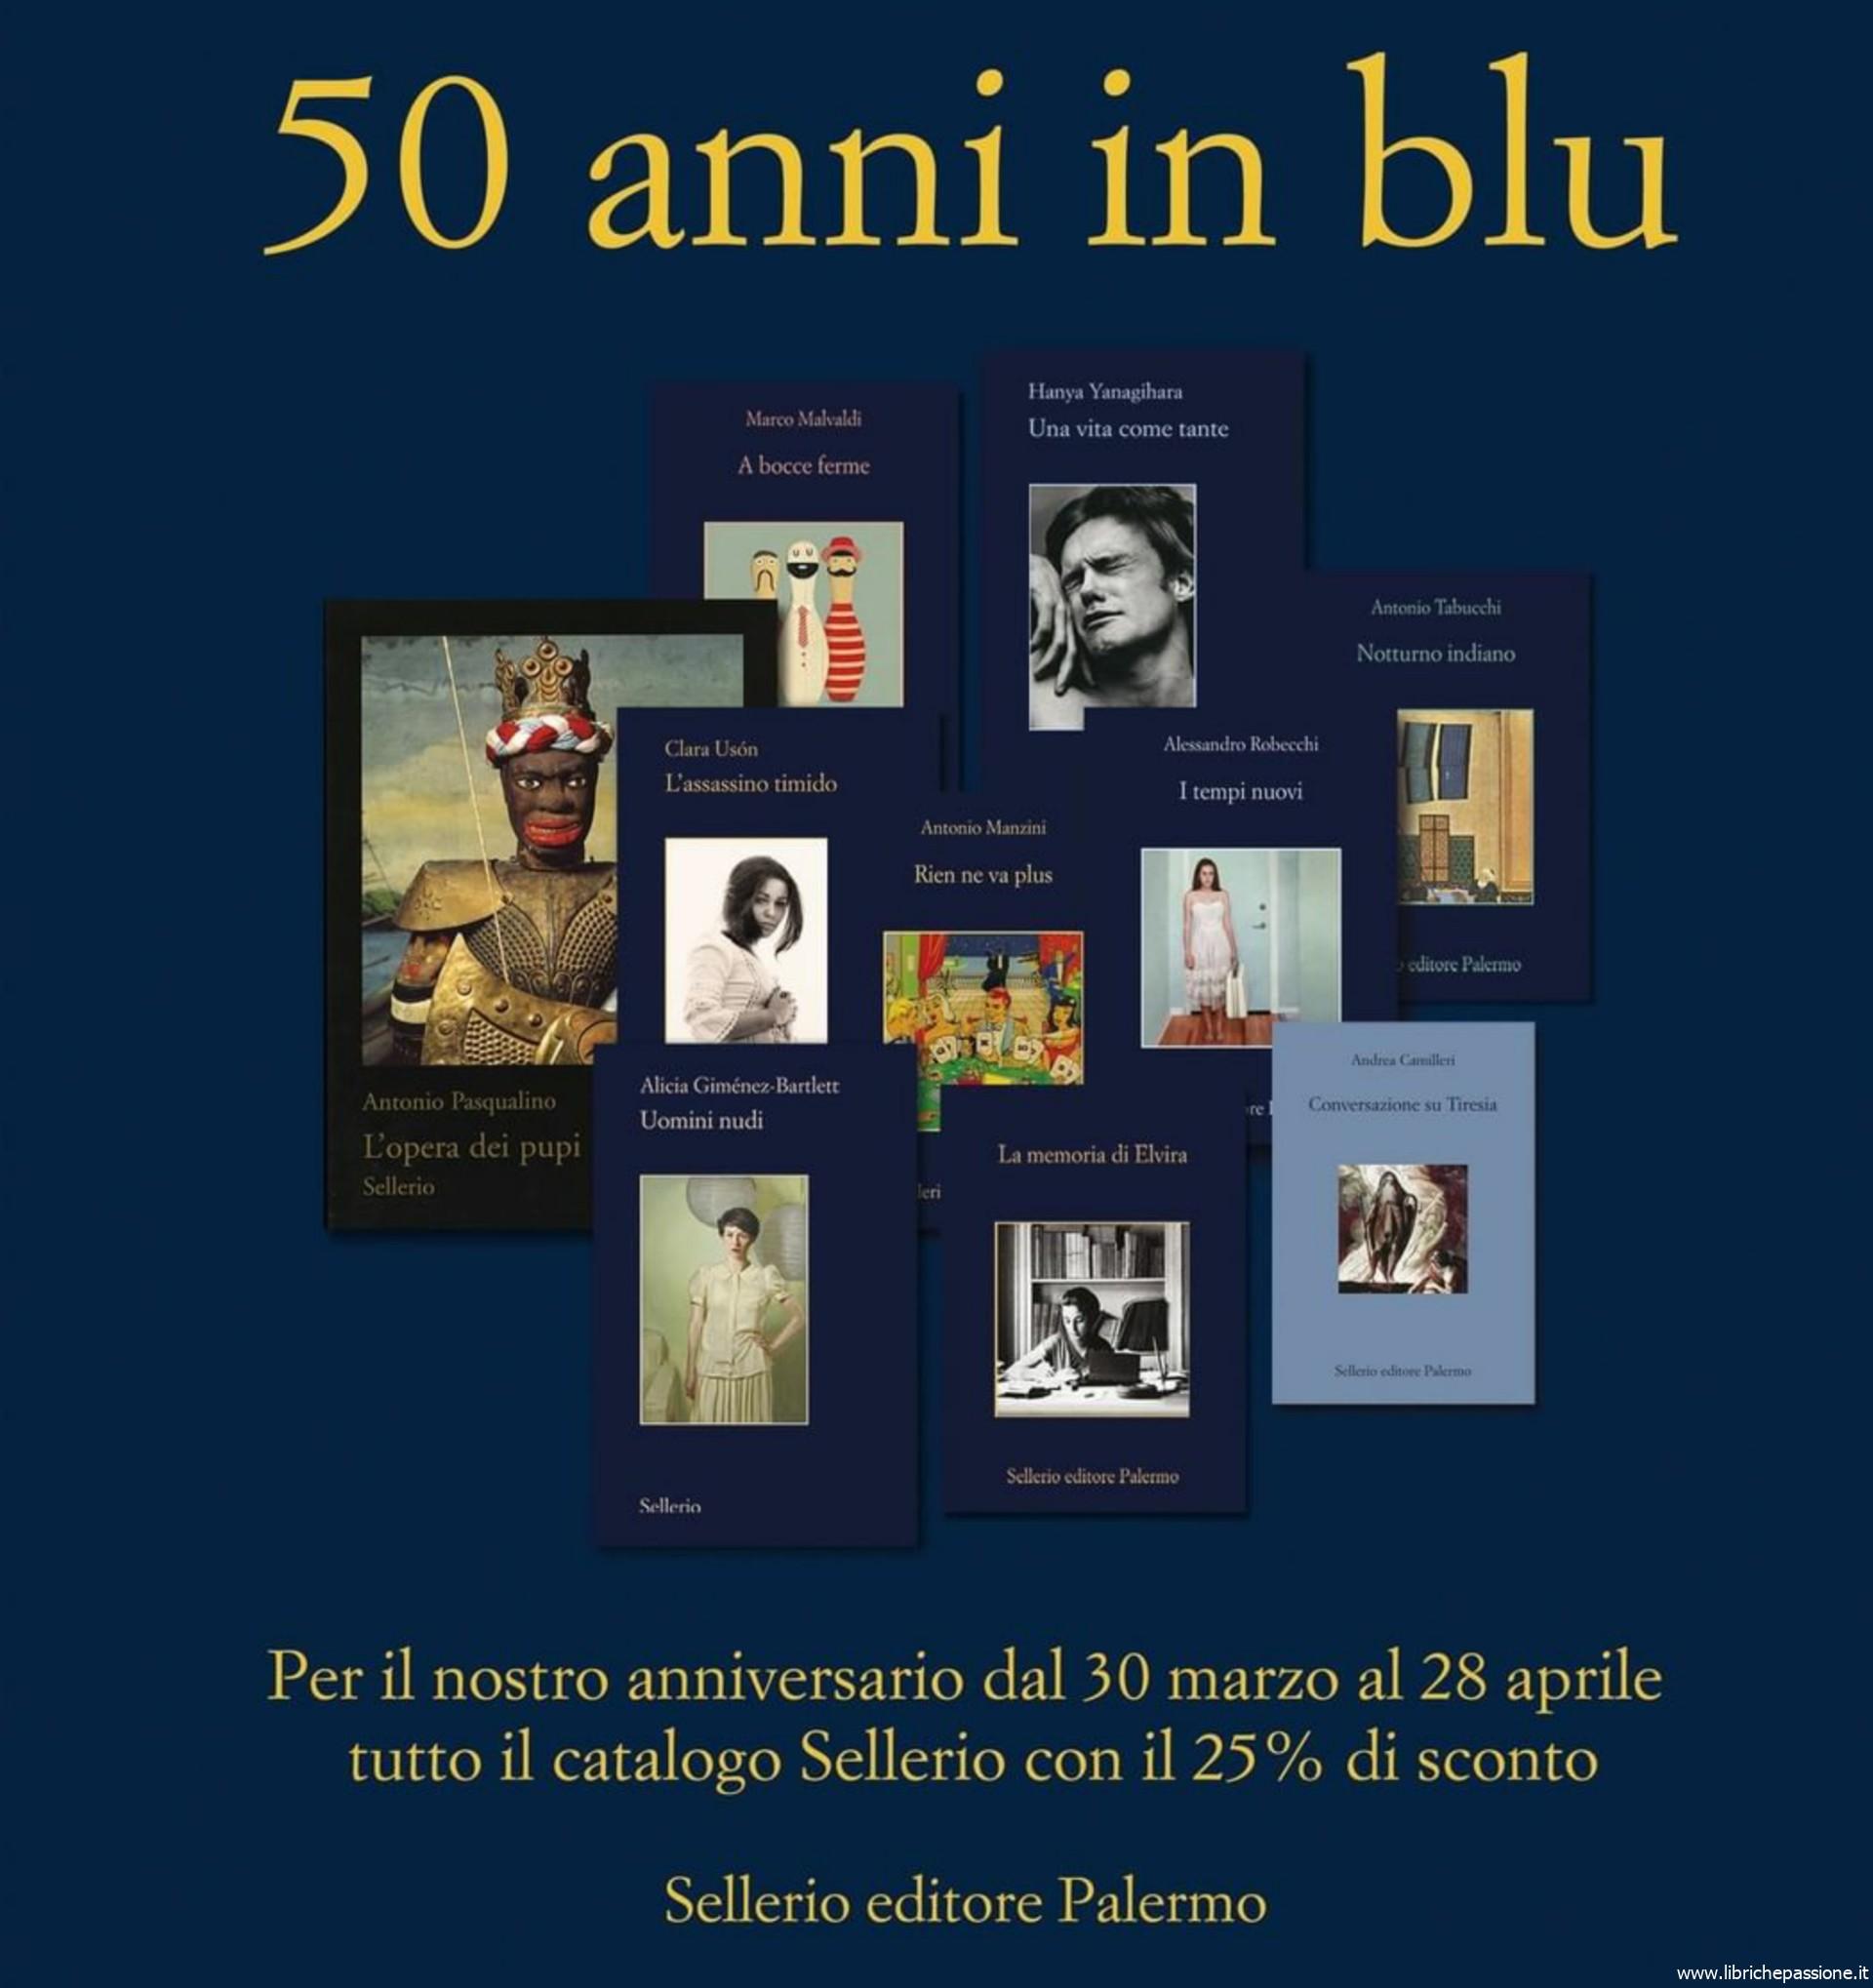 """Promozione Sellerio """" 50 anni in blu"""" sconto del 25% su tutti i libri"""